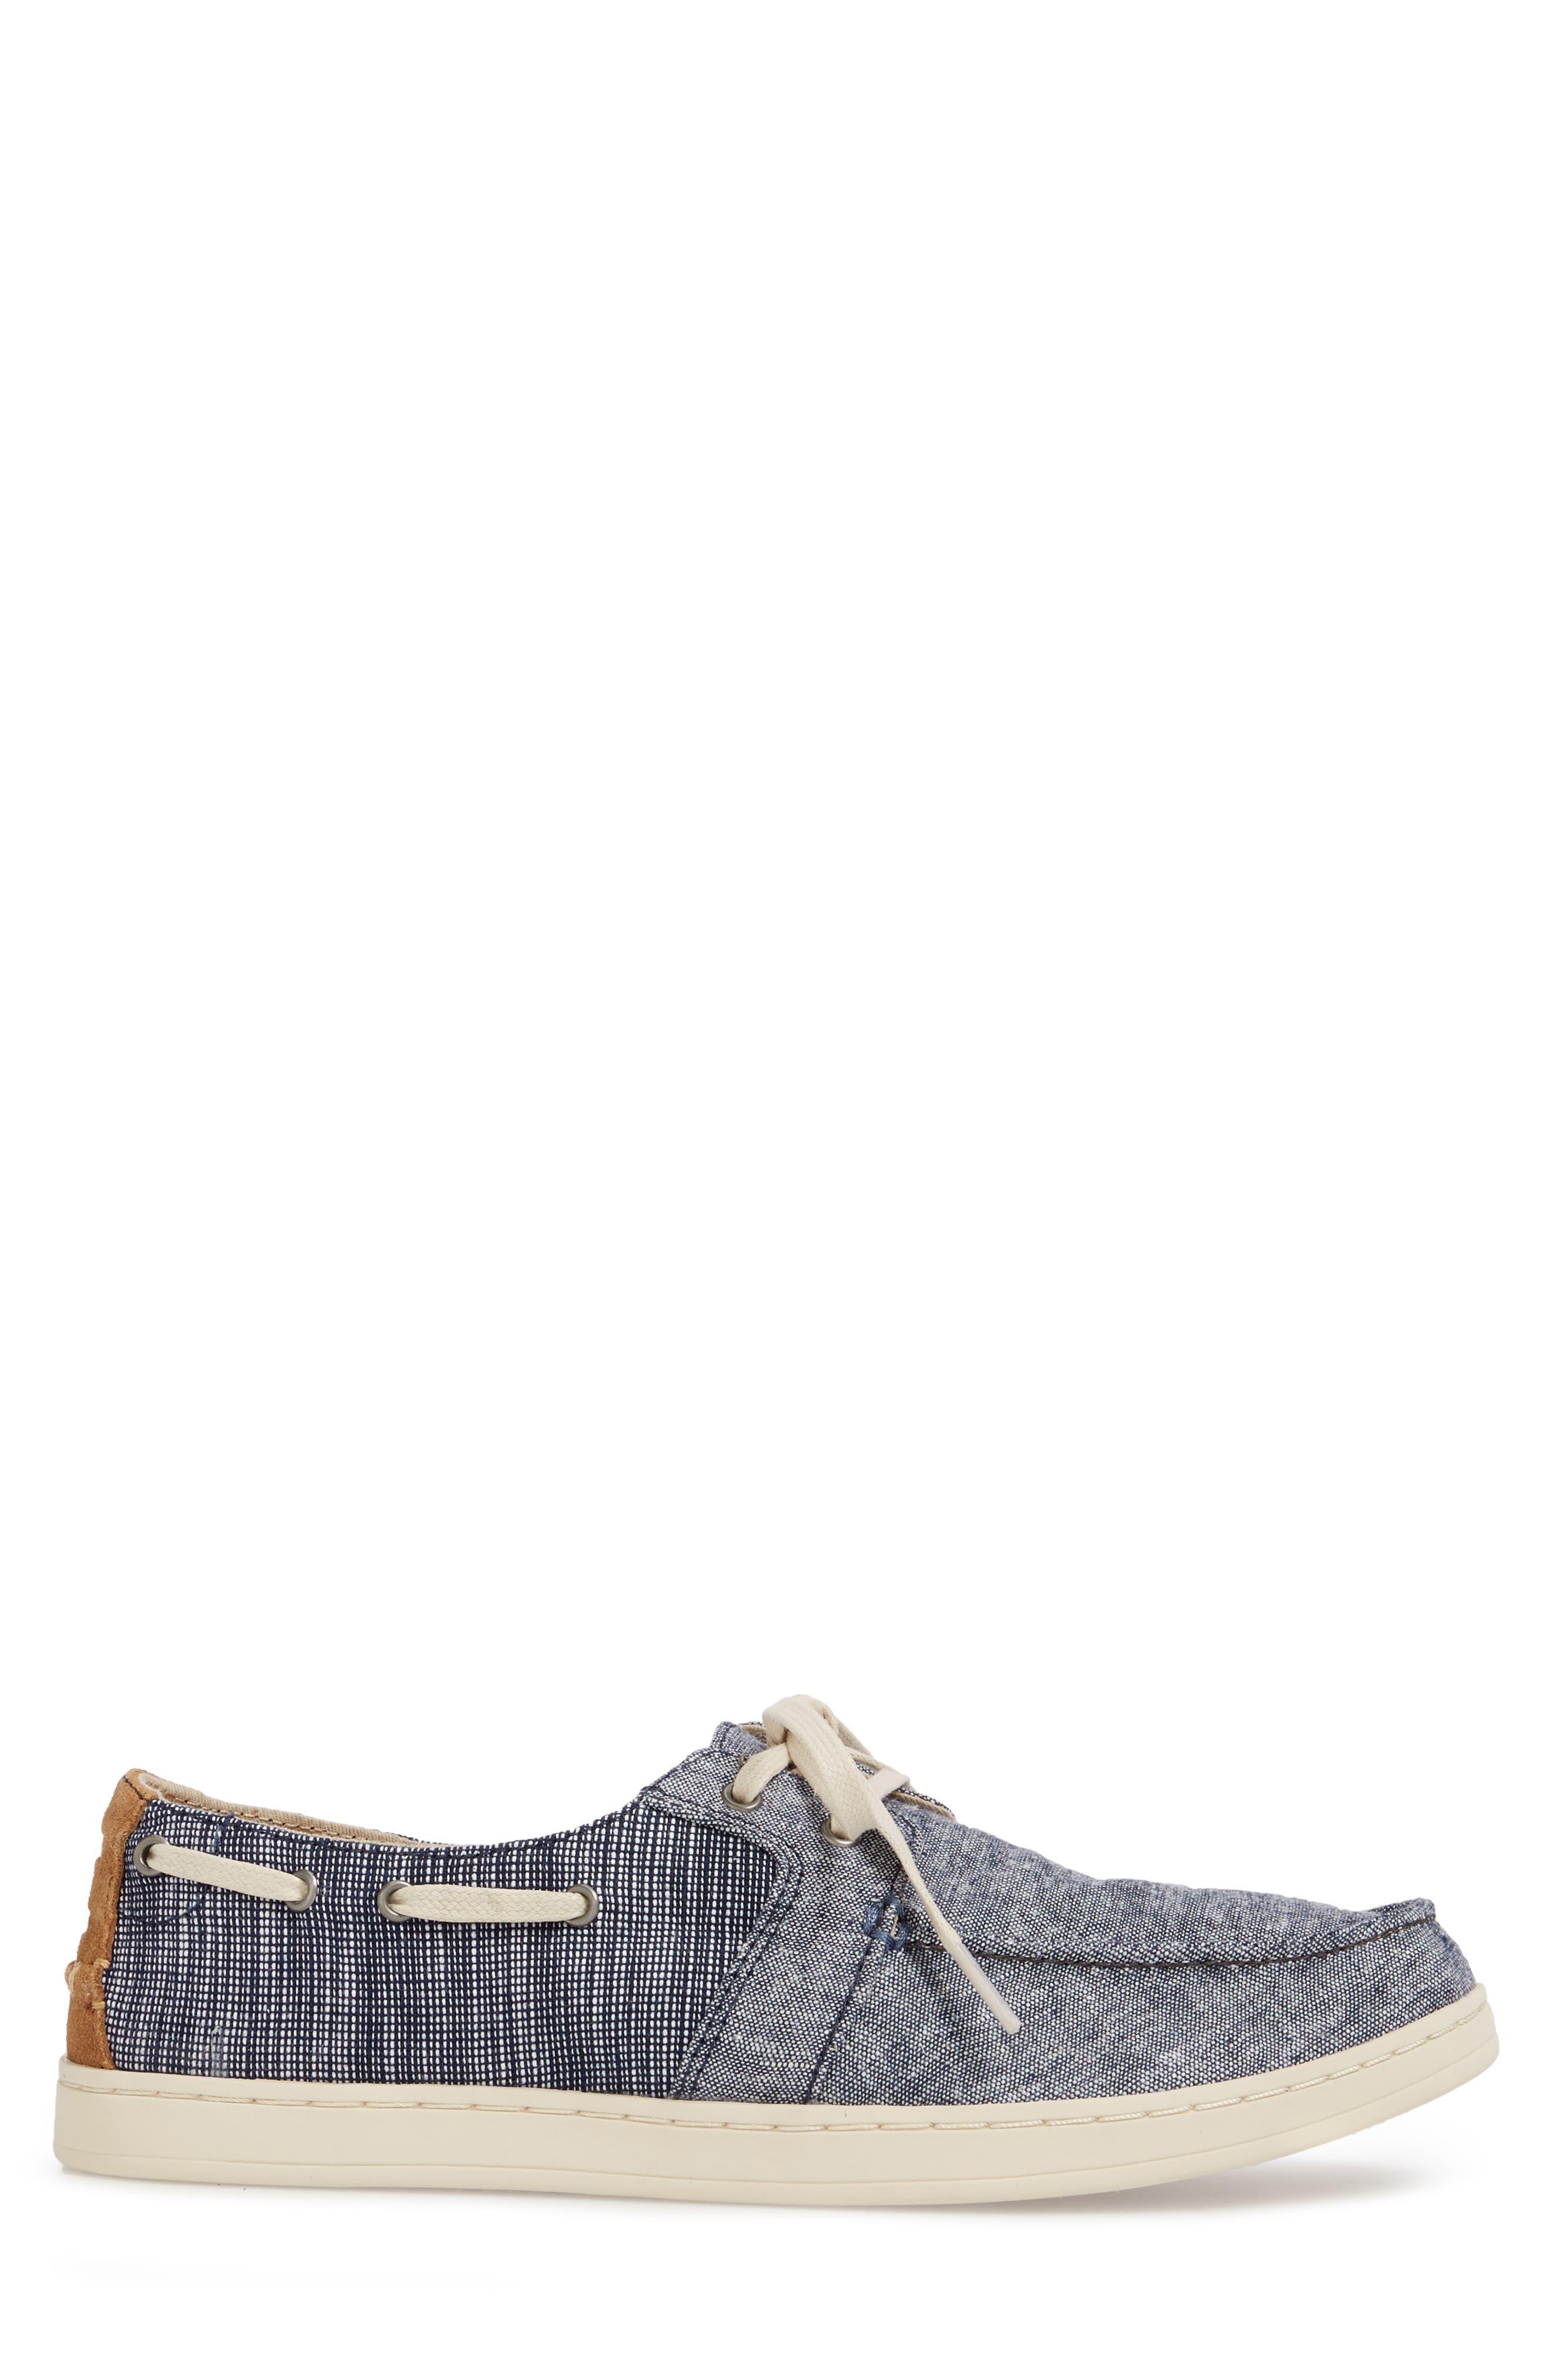 Alternate Image 3  - TOMS 'Culver' Boat Shoe (Men)